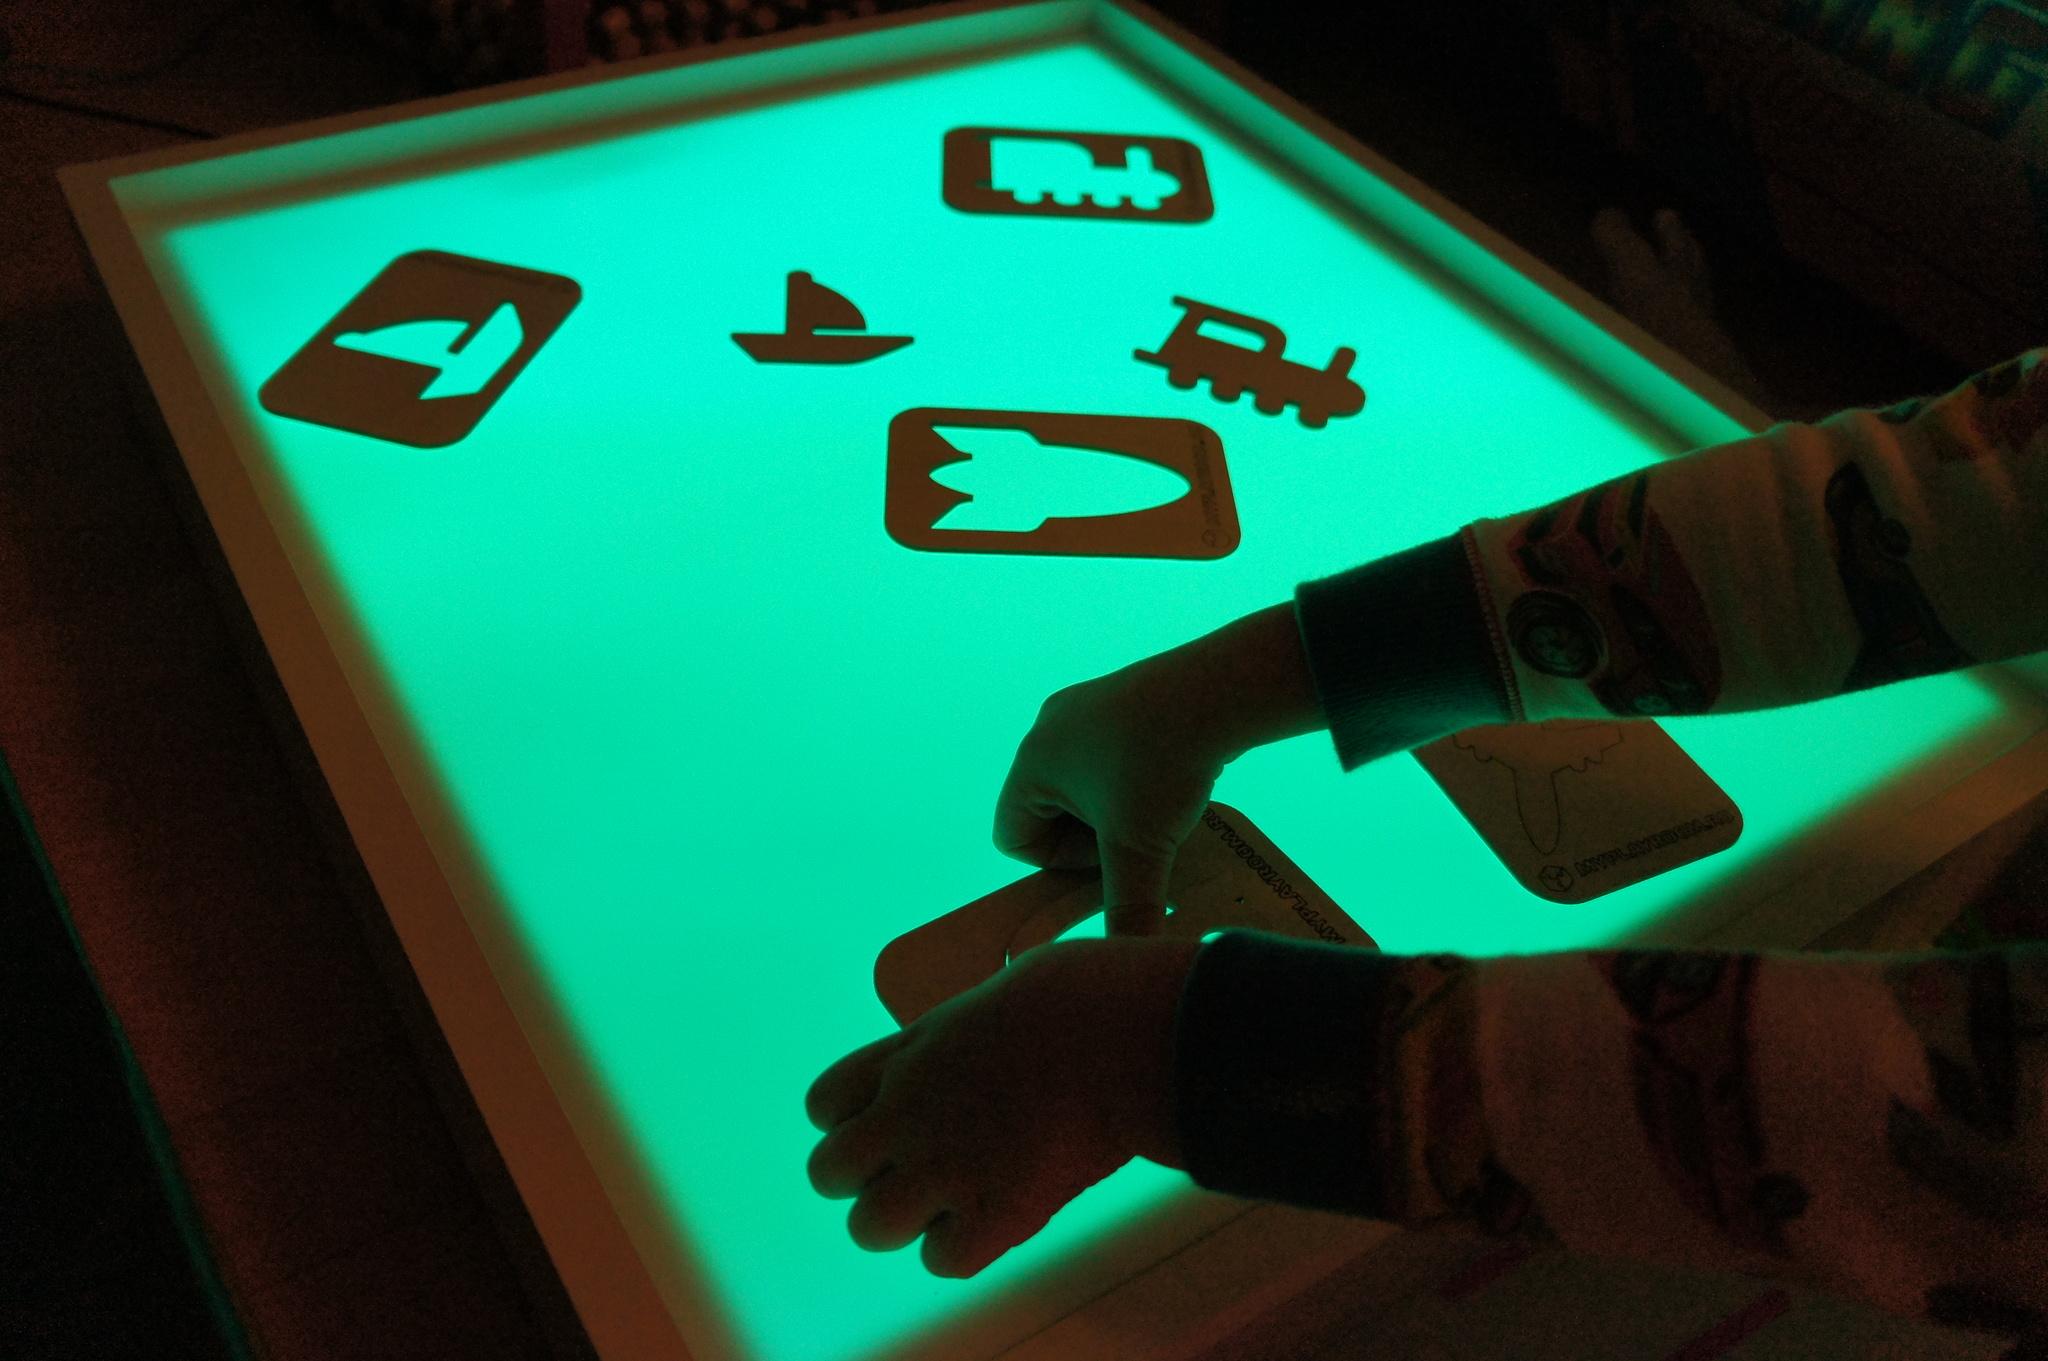 Ребёнок вкладывает трафареты ТРАНСПОРТ в рамки на световом столике Myplayroom.ru